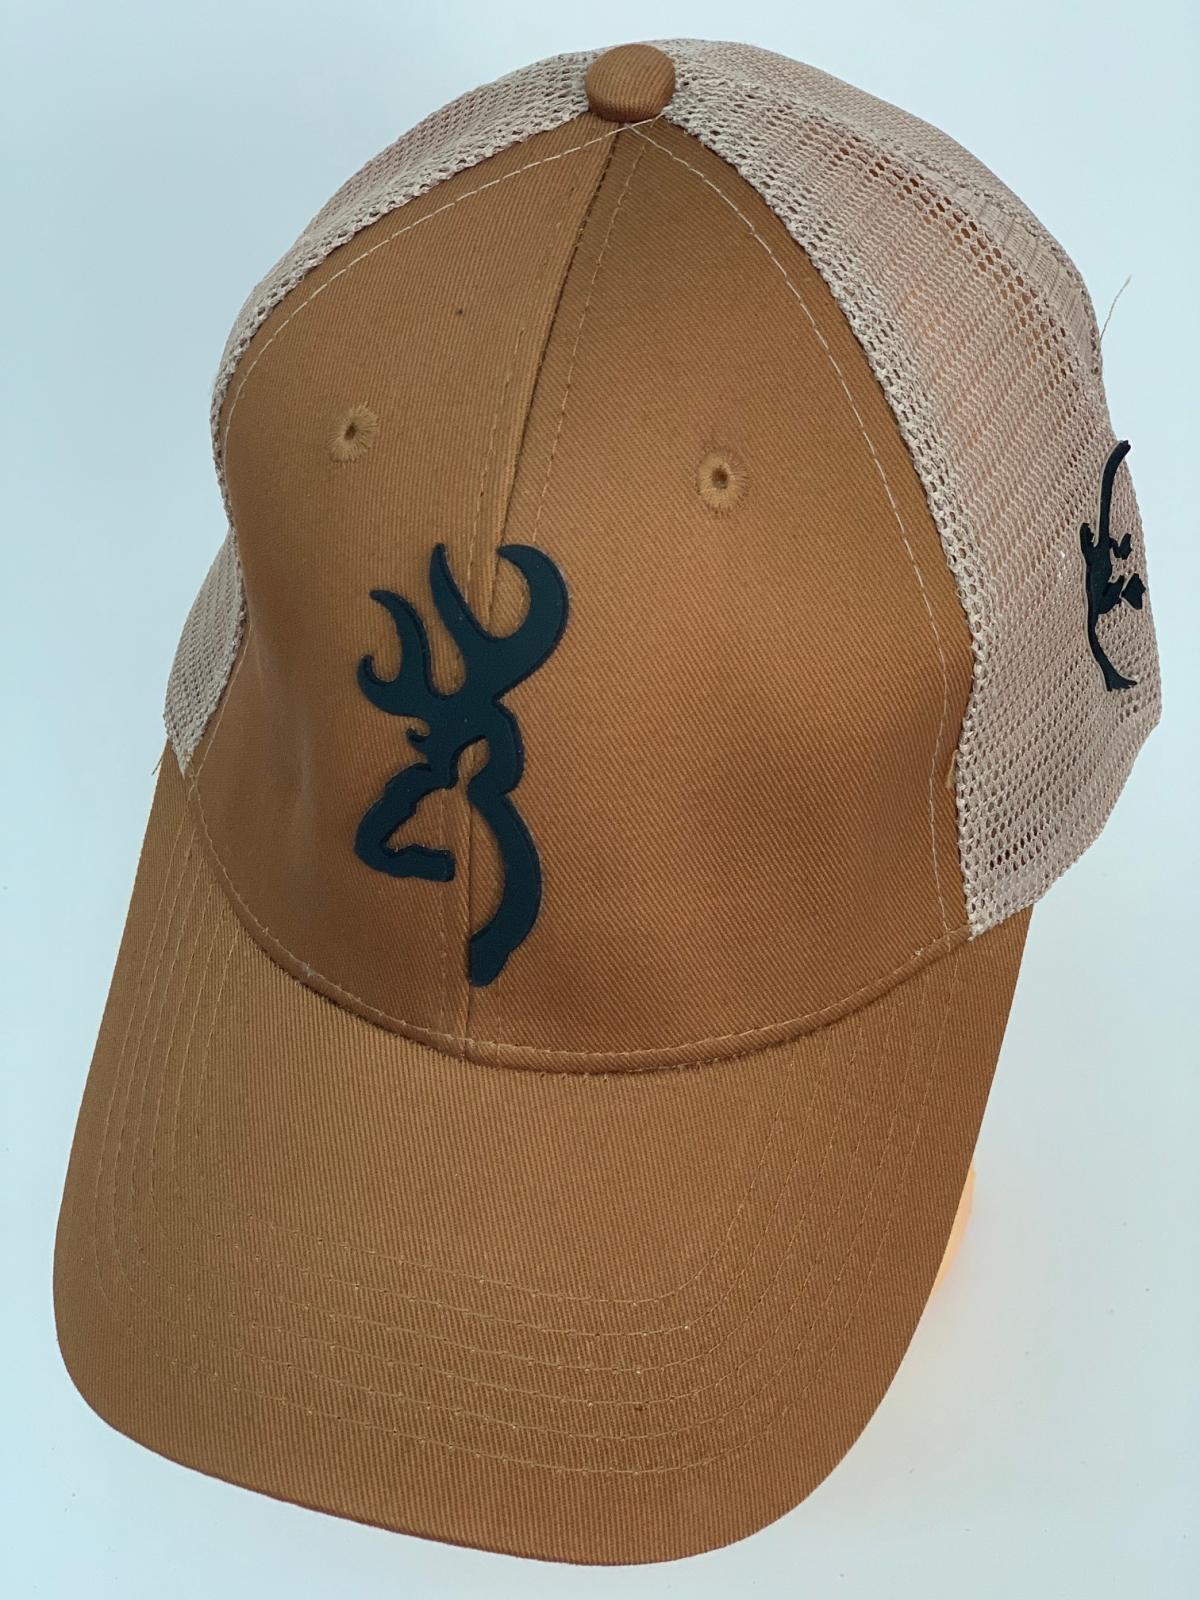 Бейсболка Browning коричневого цвета с бежевой сеткой